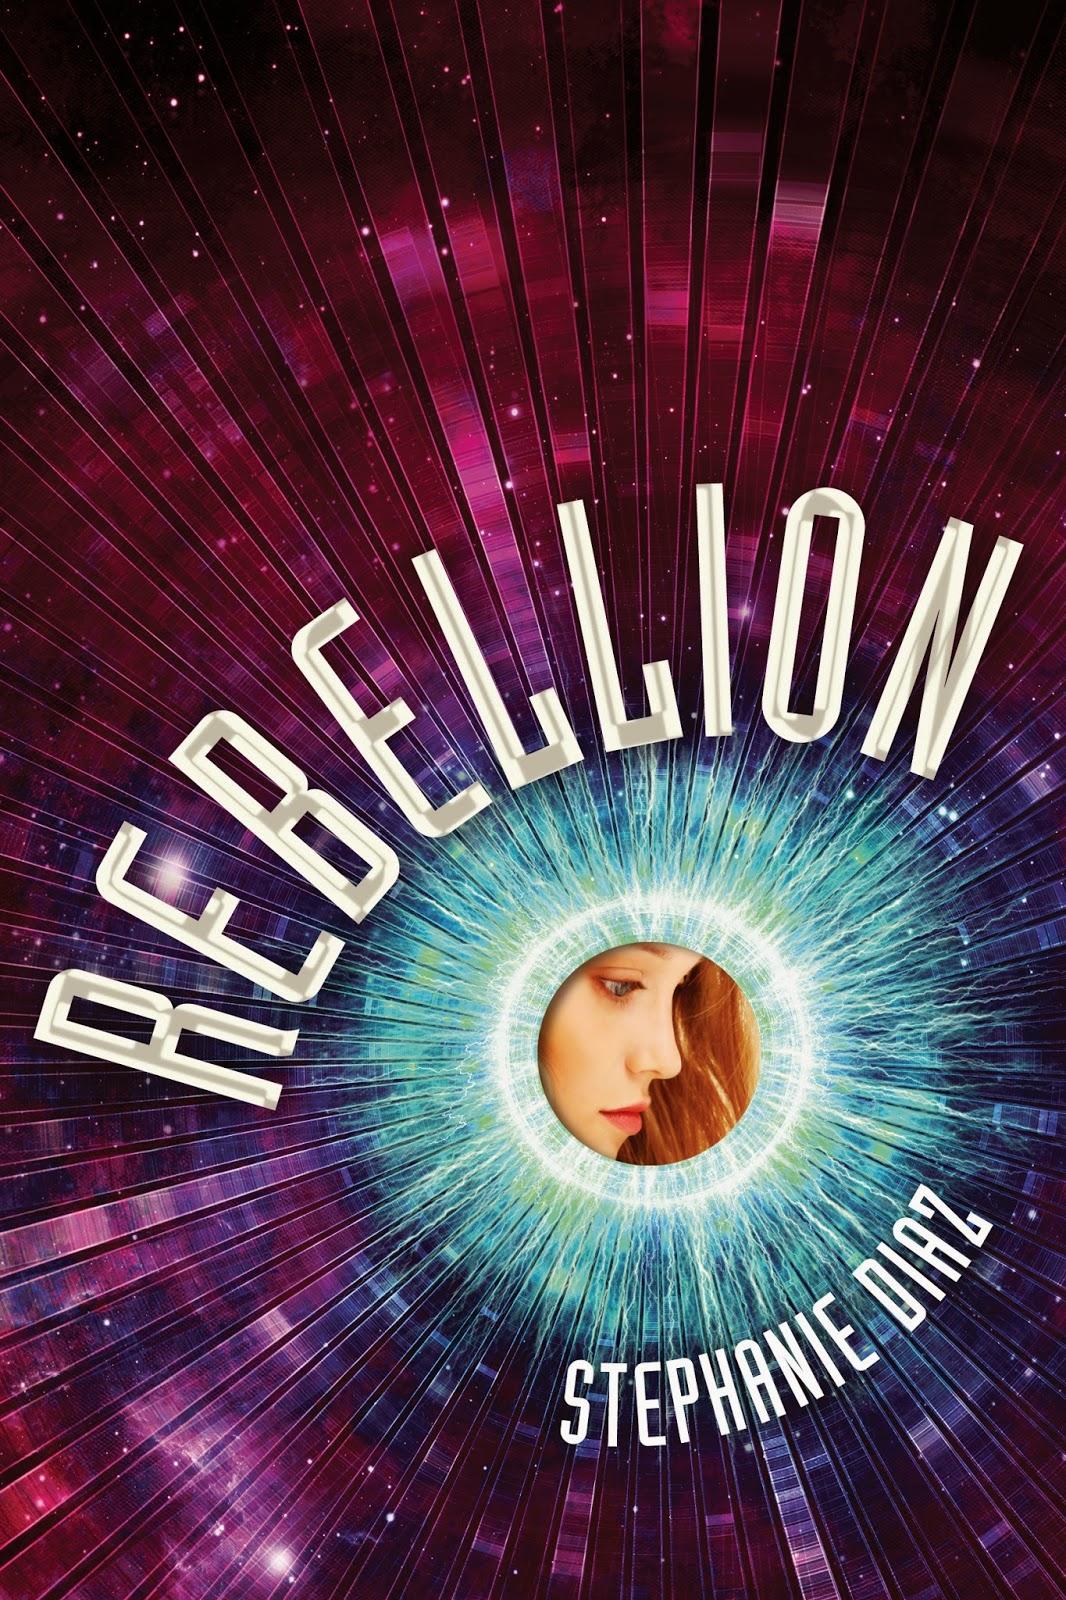 http://www.amazon.com/Rebellion-Stephanie-Diaz/dp/1250041252/